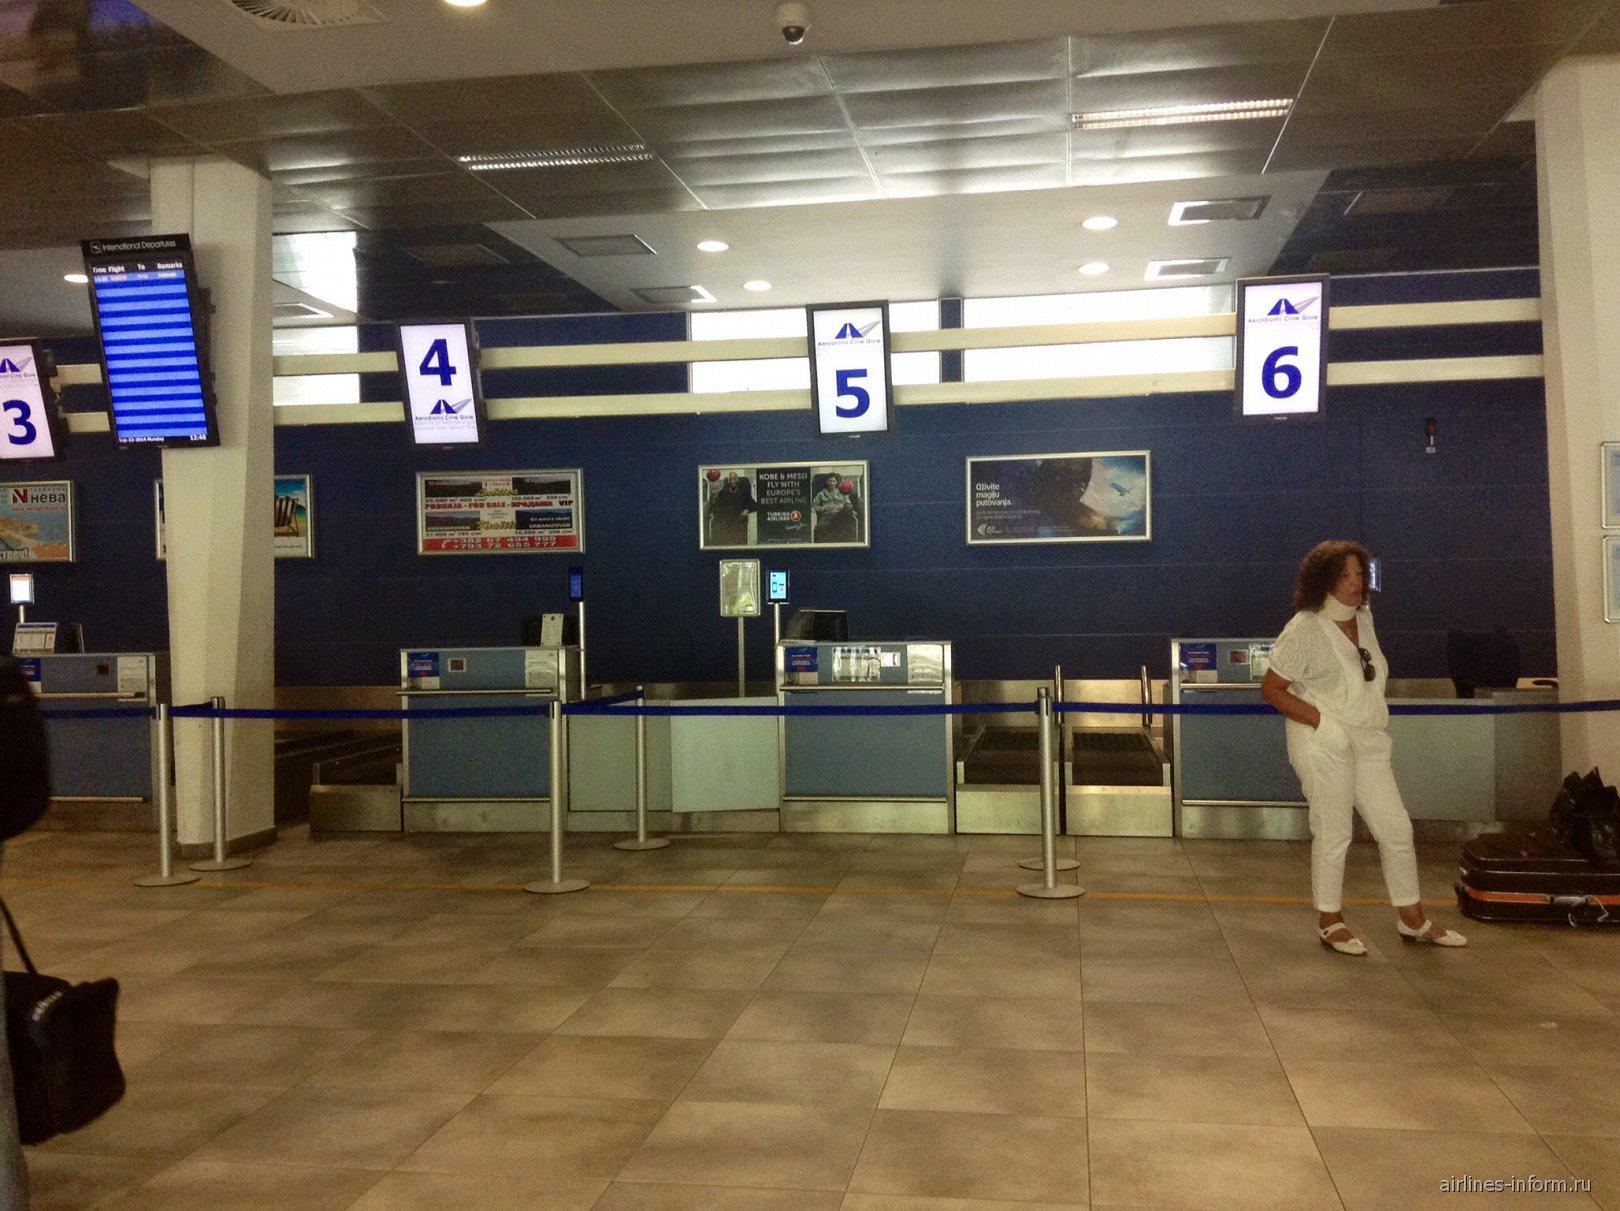 Аэропорт Тиват